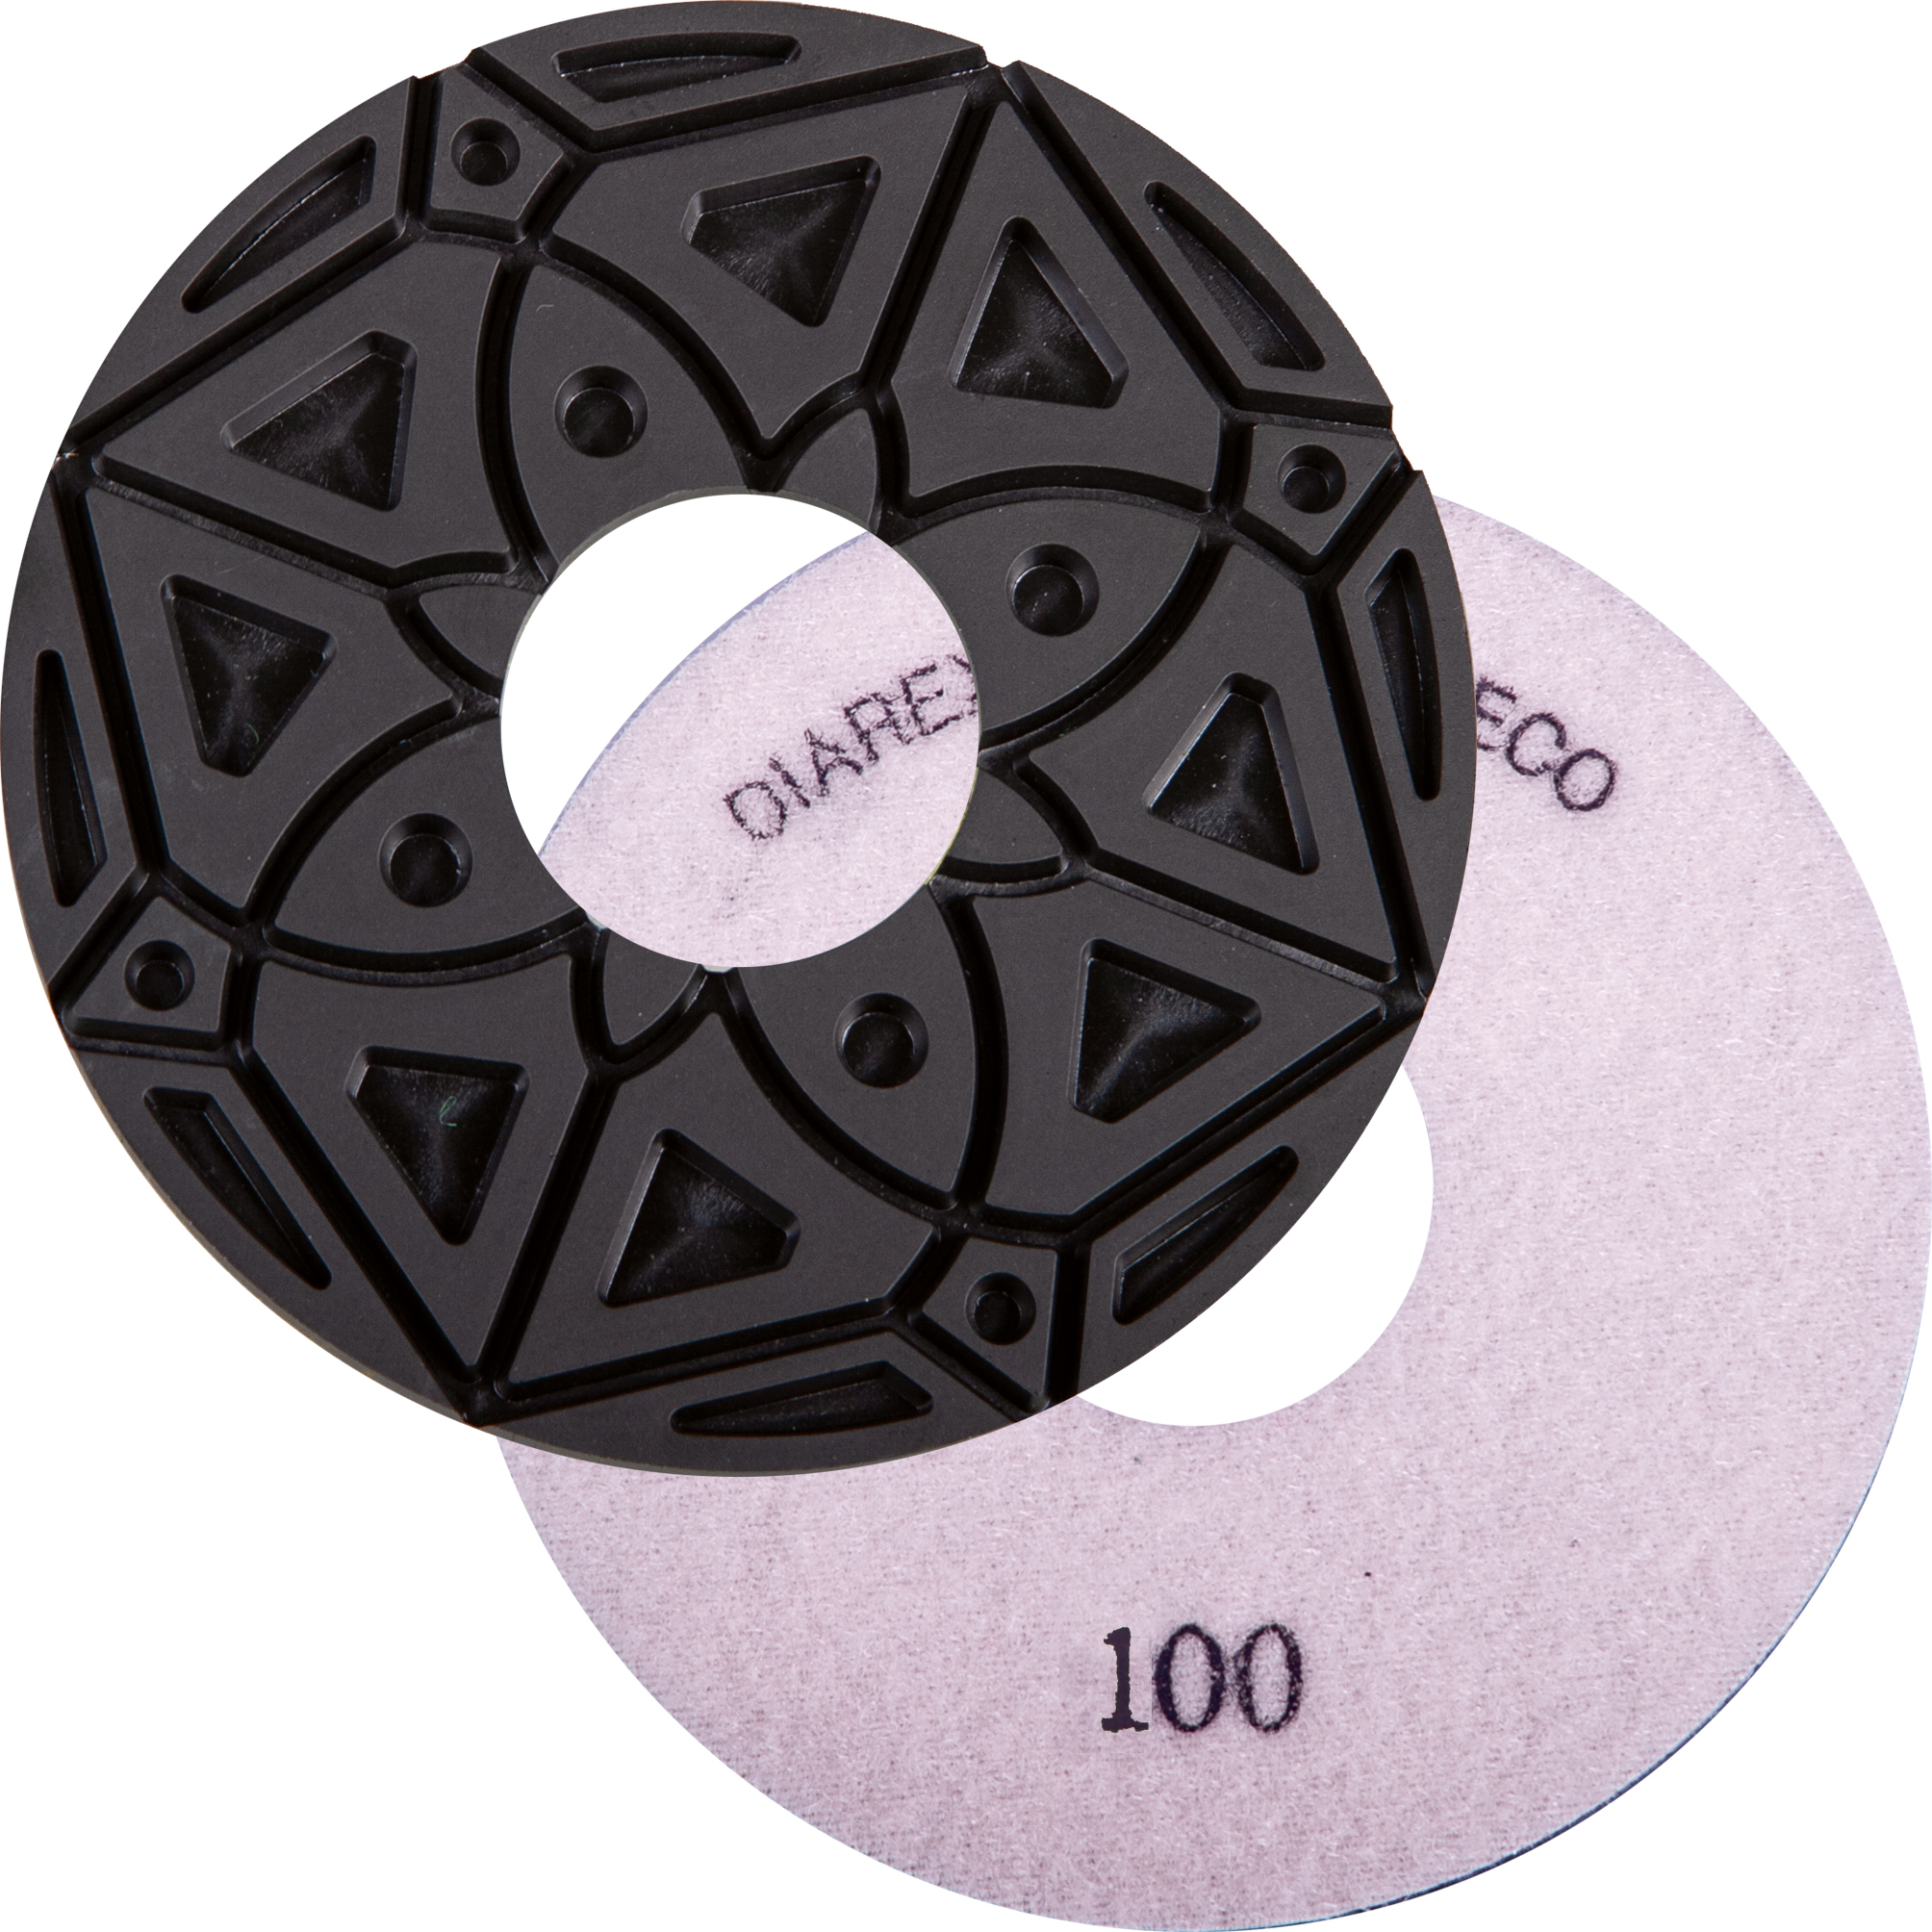 DIAREX Kantenschleifbelag KS-Edge ECO ø 130 mm | Korn 100 | Klett